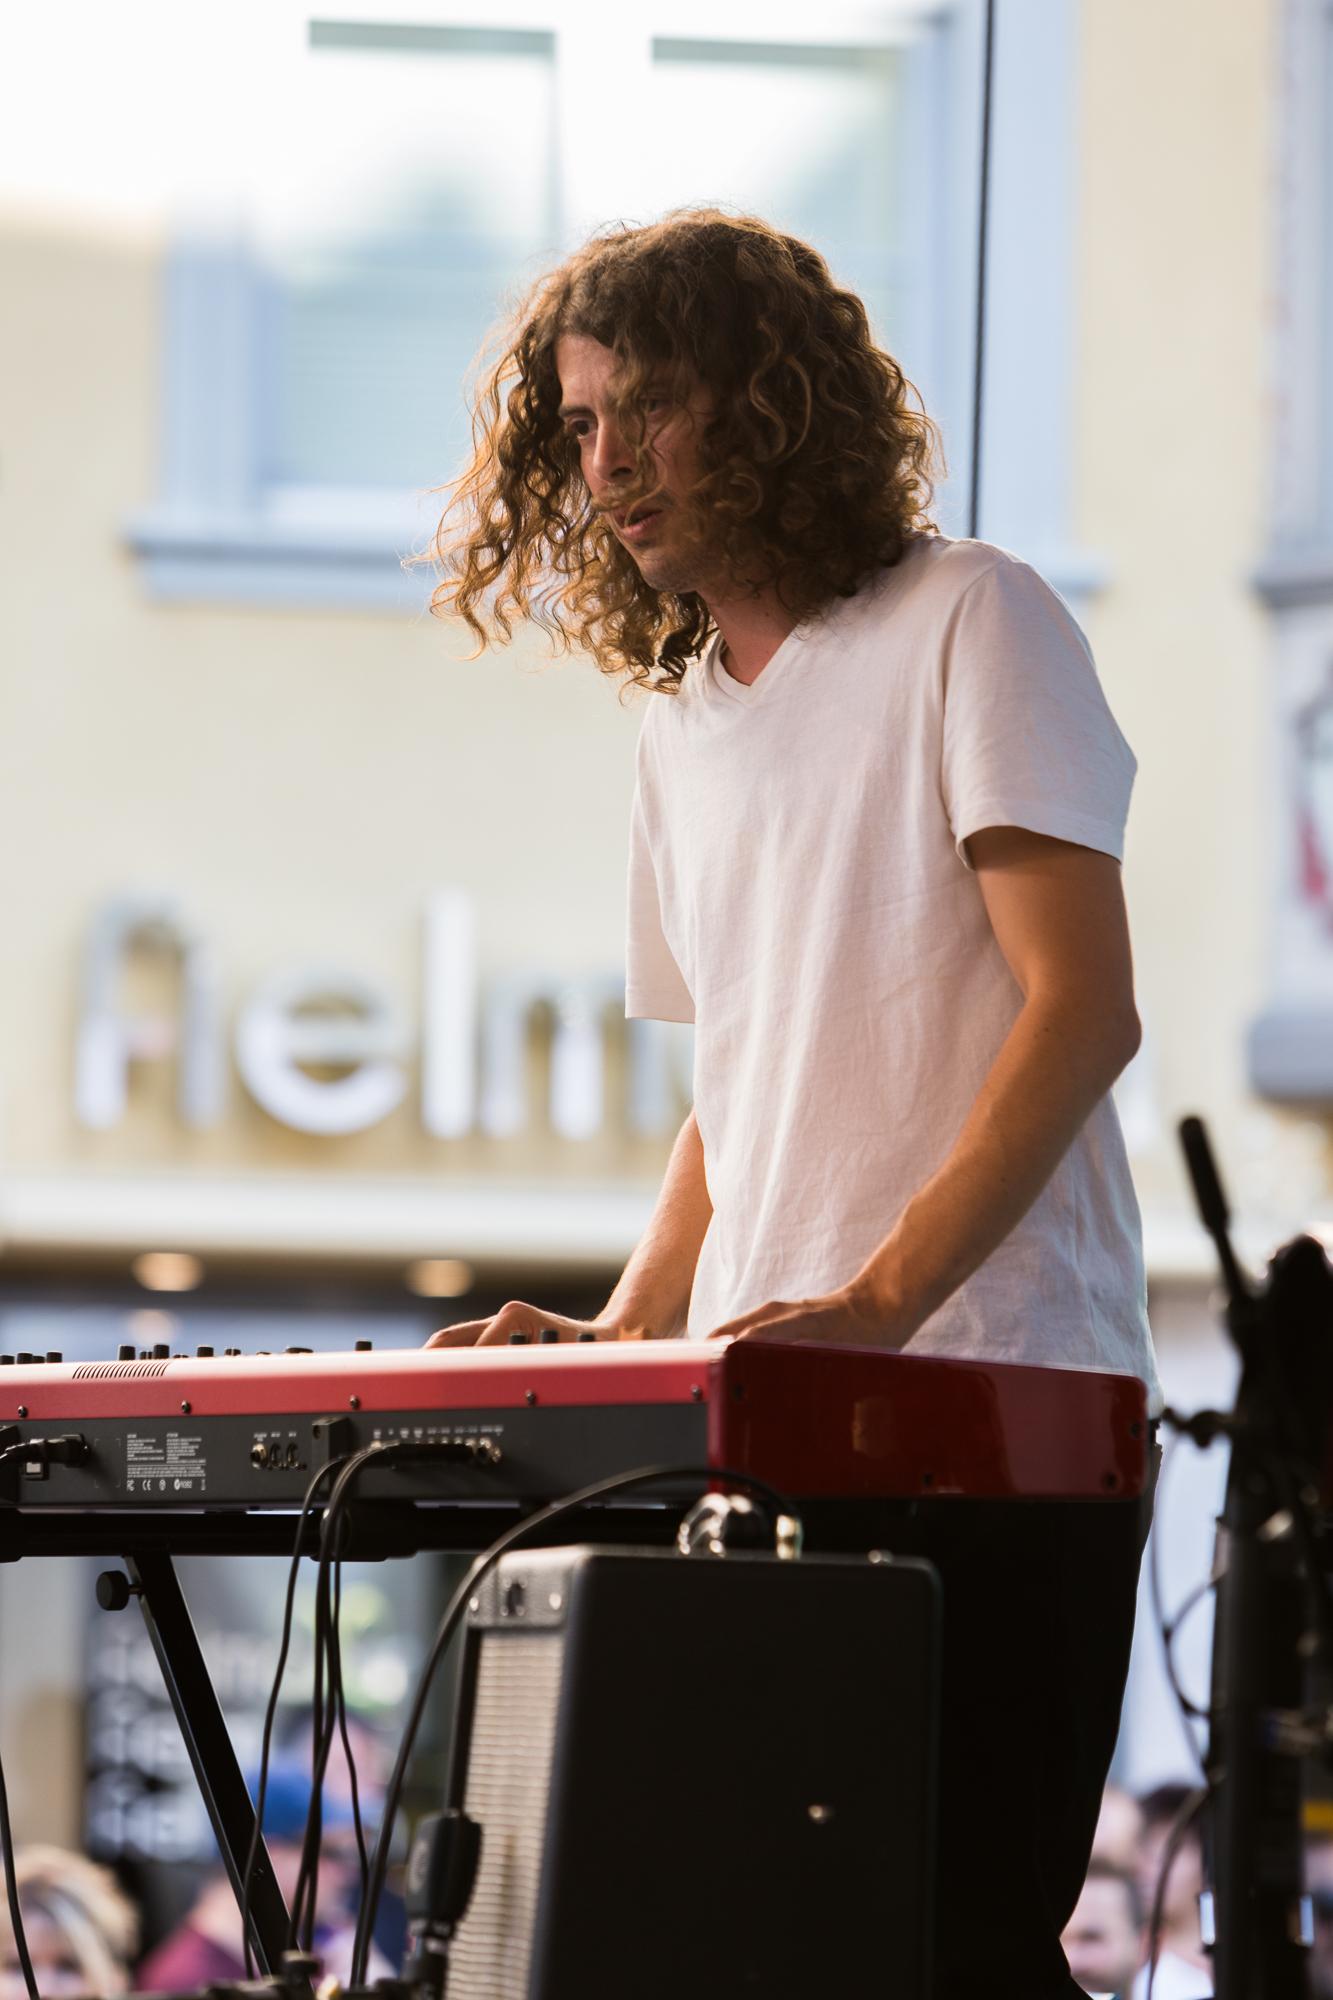 Tim Freitag